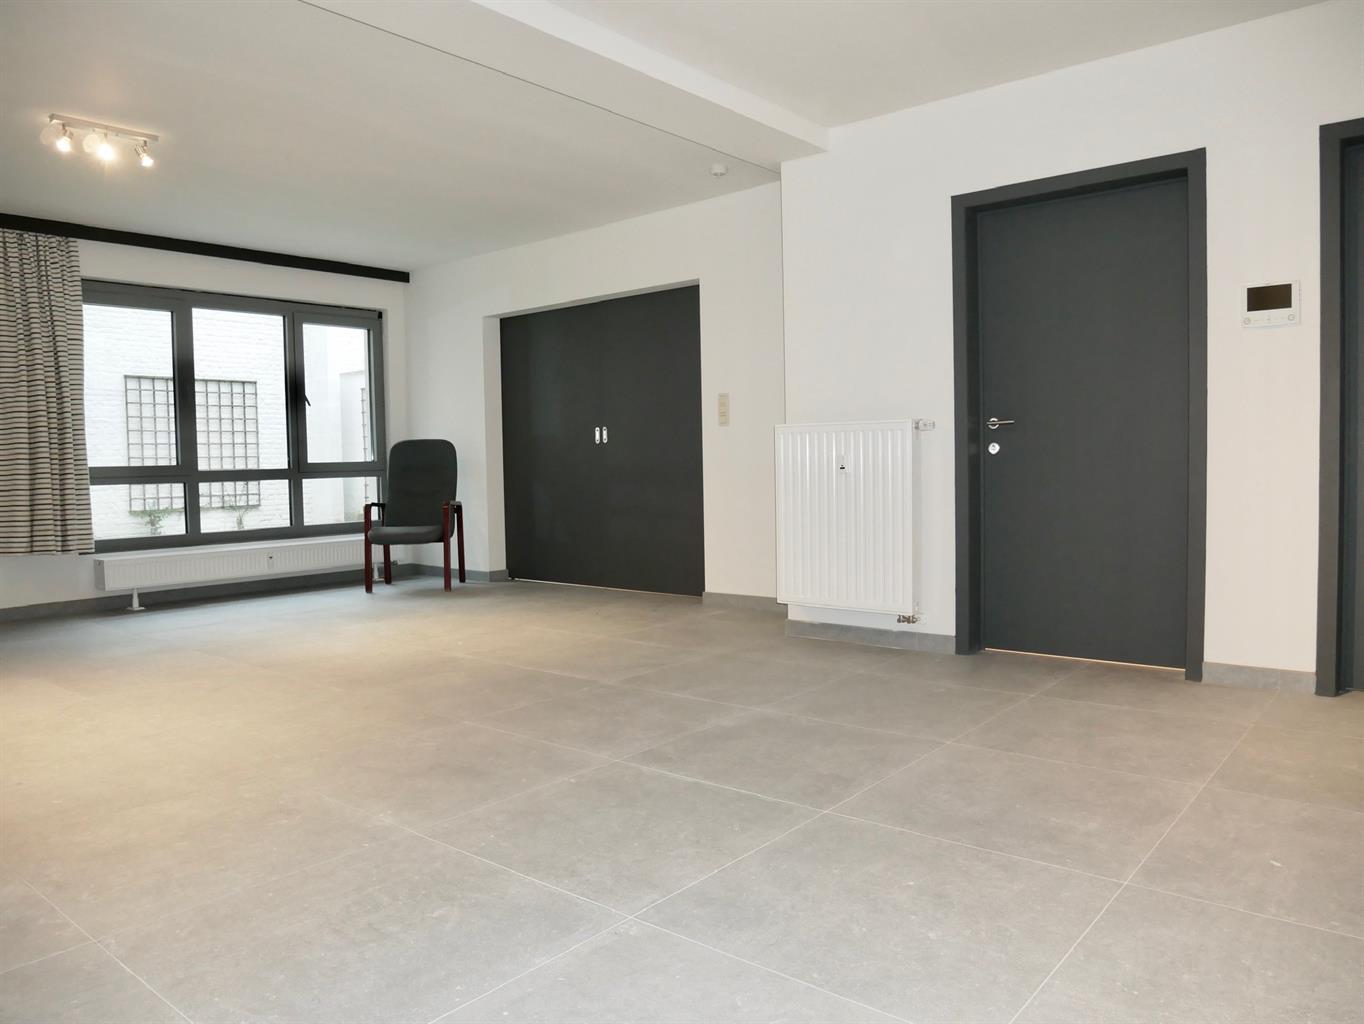 Résidences-services - Tournai - #4237119-3